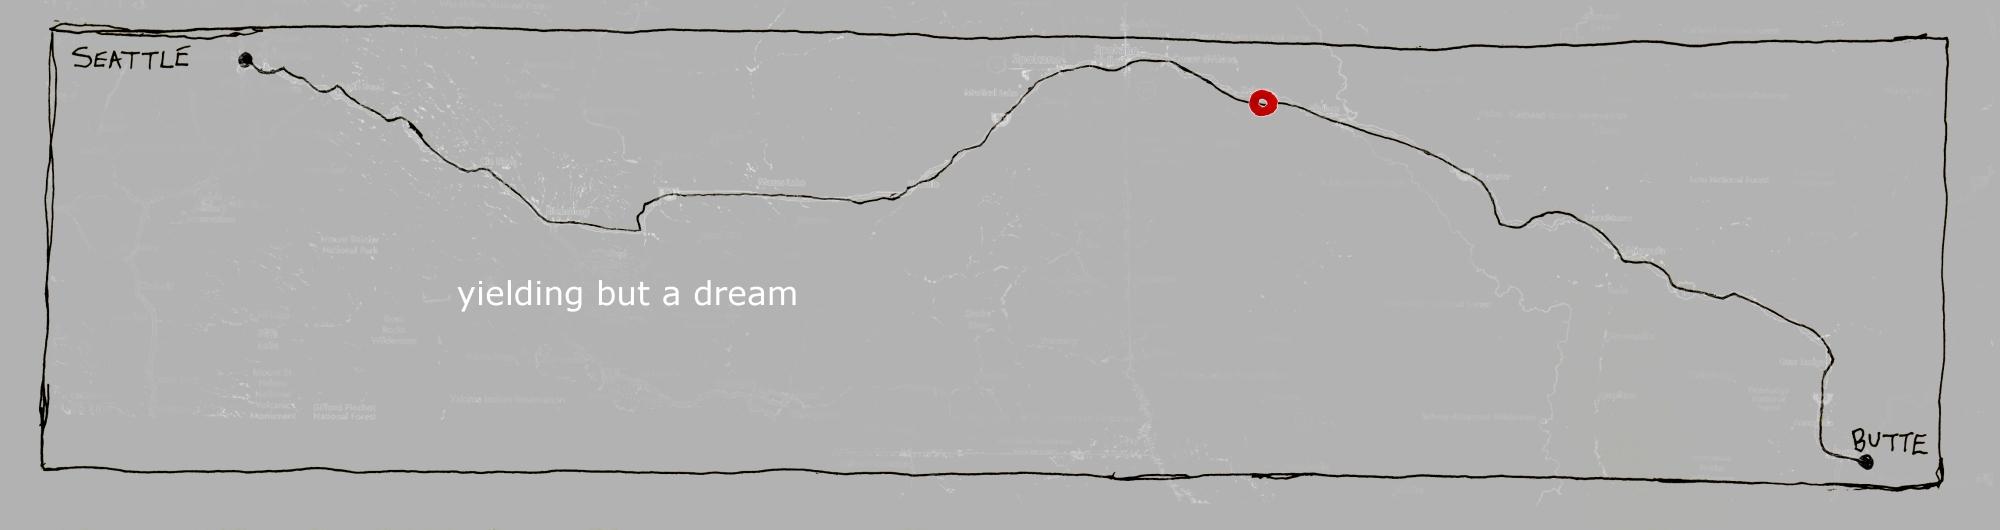 338 map